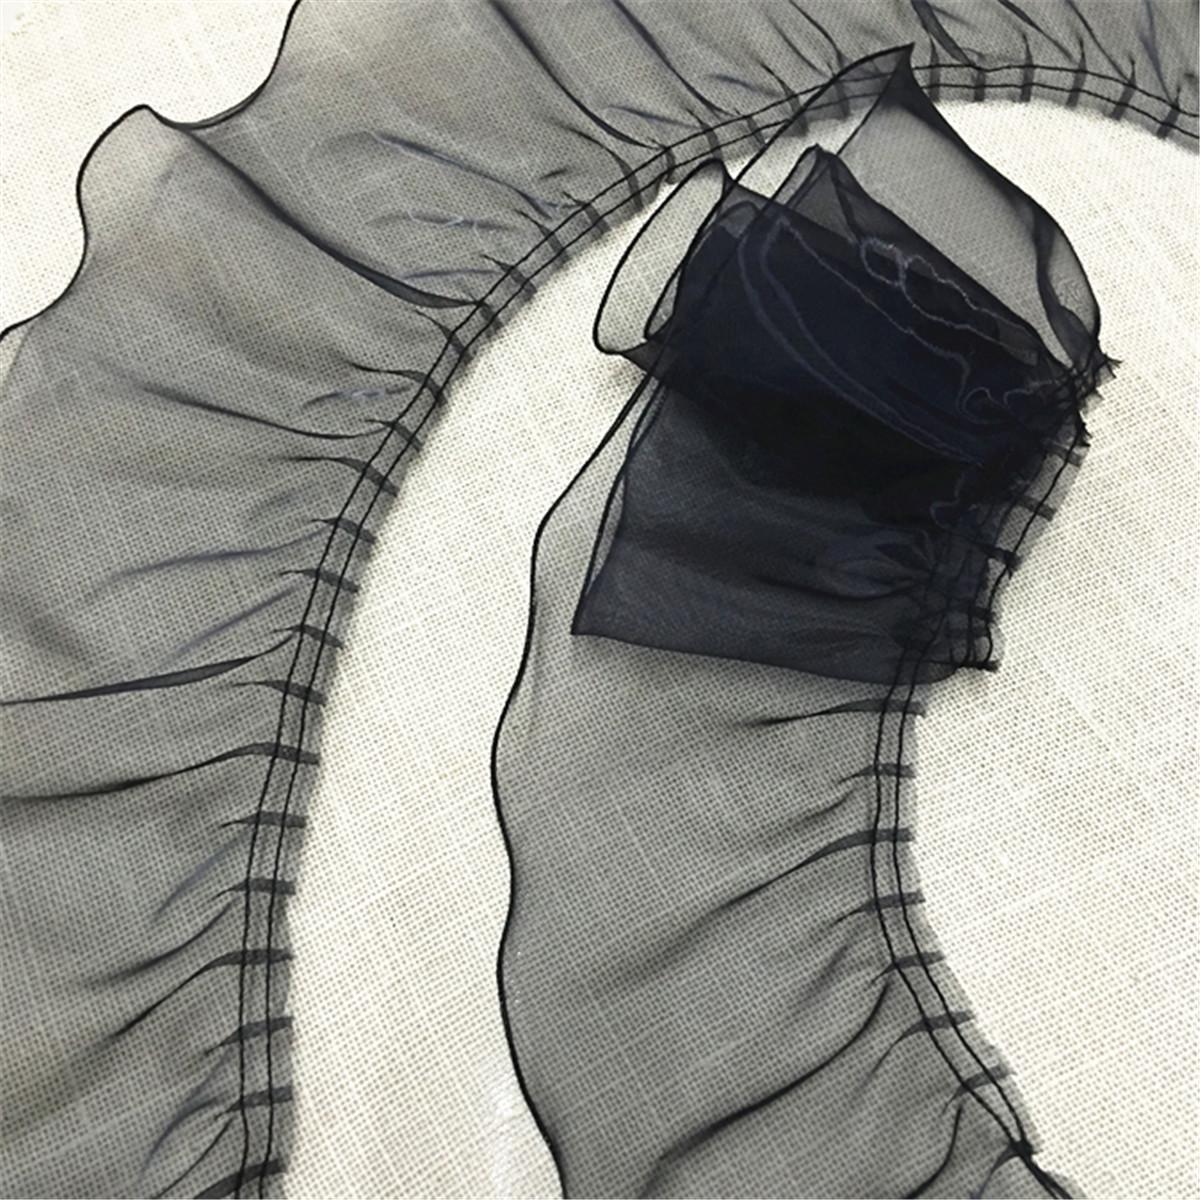 2 Yards Pleated Lace Trim Organza Ruffle DIY Wedding Dress Sewing Hem Crafts